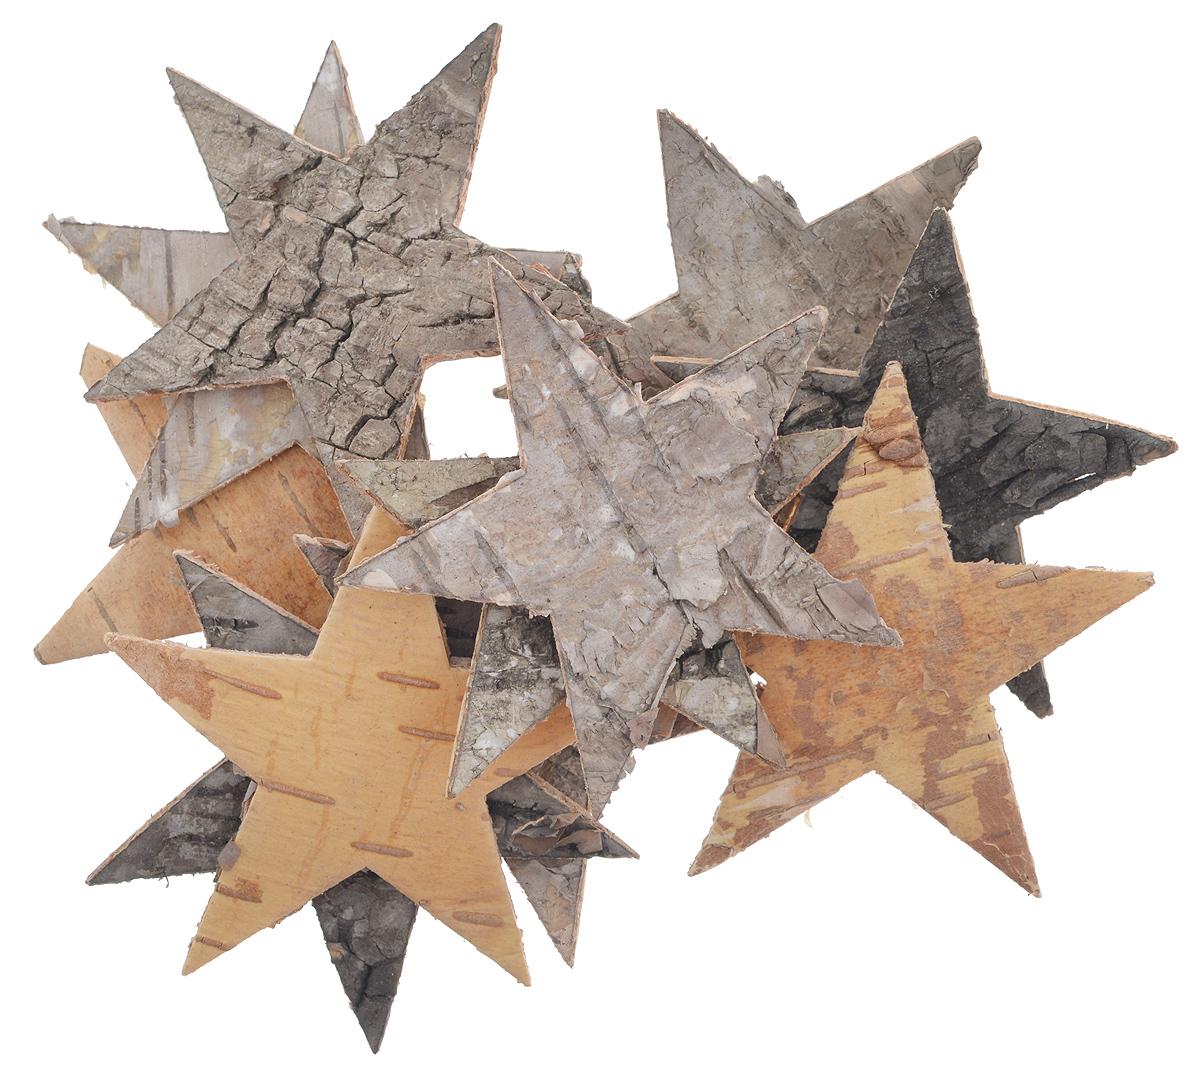 Декоративный элемент Dongjiang Art Звезда, цвет: натуральное дерево, 12 шт7709007_нат/деревоДекоративный элемент Dongjiang Art Звезда, изготовленный из натуральной коры дерева, предназначен для украшения цветочных композиций. Изделие выполнено в виде звезды, которое можно также использовать в технике скрапбукинг и многом другом. Флористика - вид декоративно-прикладного искусства, который использует живые, засушенные или консервированные природные материалы для создания флористических работ. Это целый мир, в котором есть место и строгому математическому расчету, и вдохновению. Размер одного элемента: 6,5 см х 5,5 см.